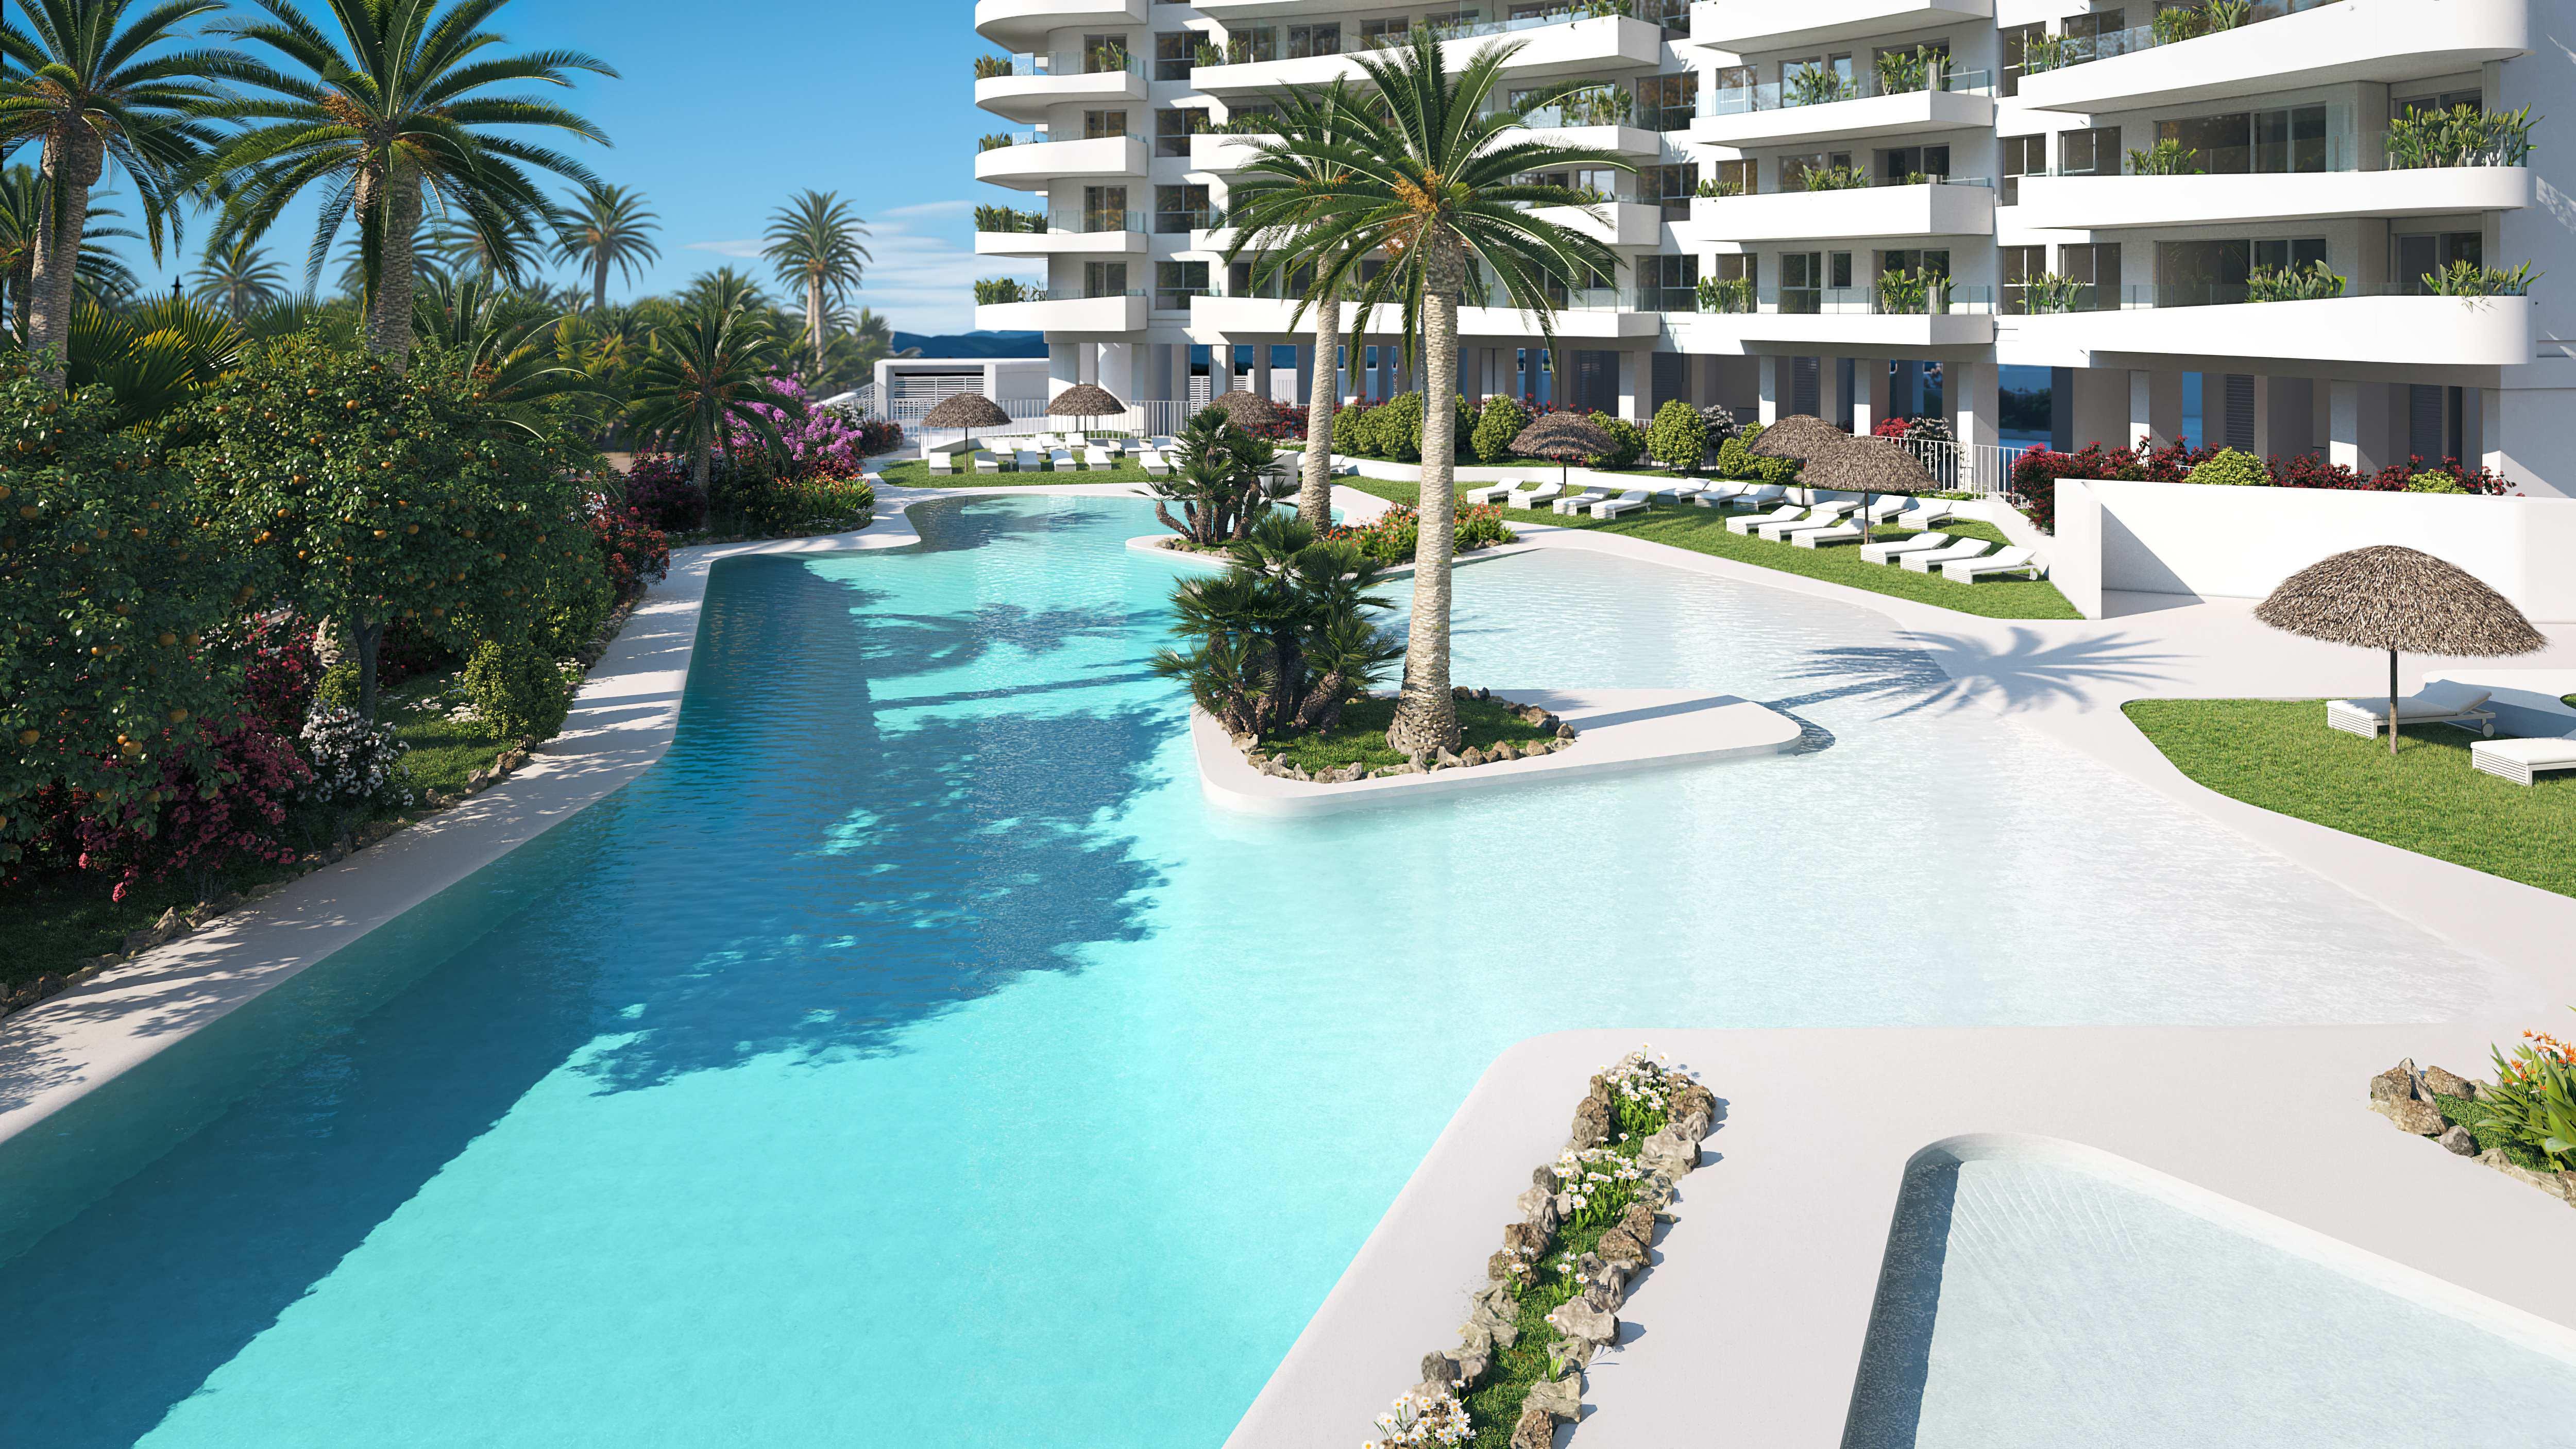 Exclusivo apartamento a la venta de nueva construcción en Playa de Canet -Valencia